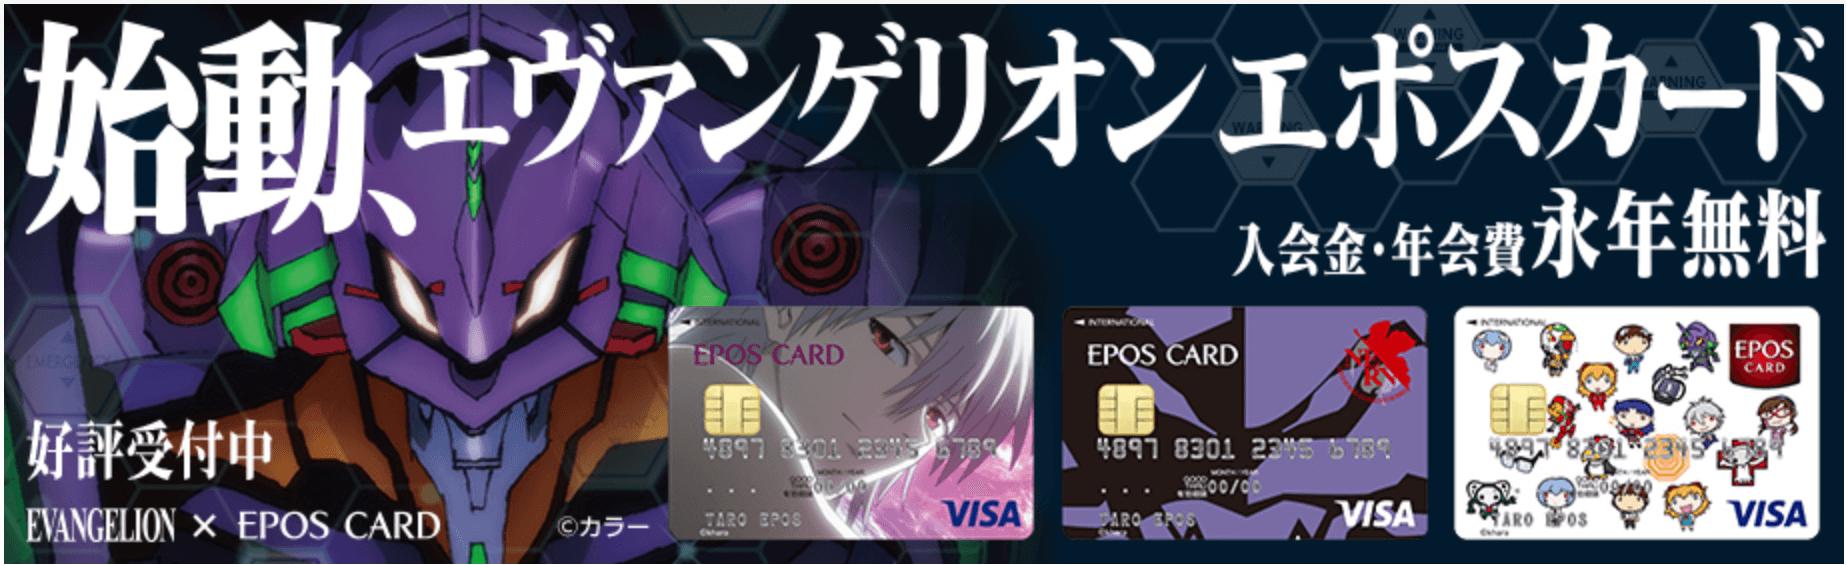 エポスカード公式サイト